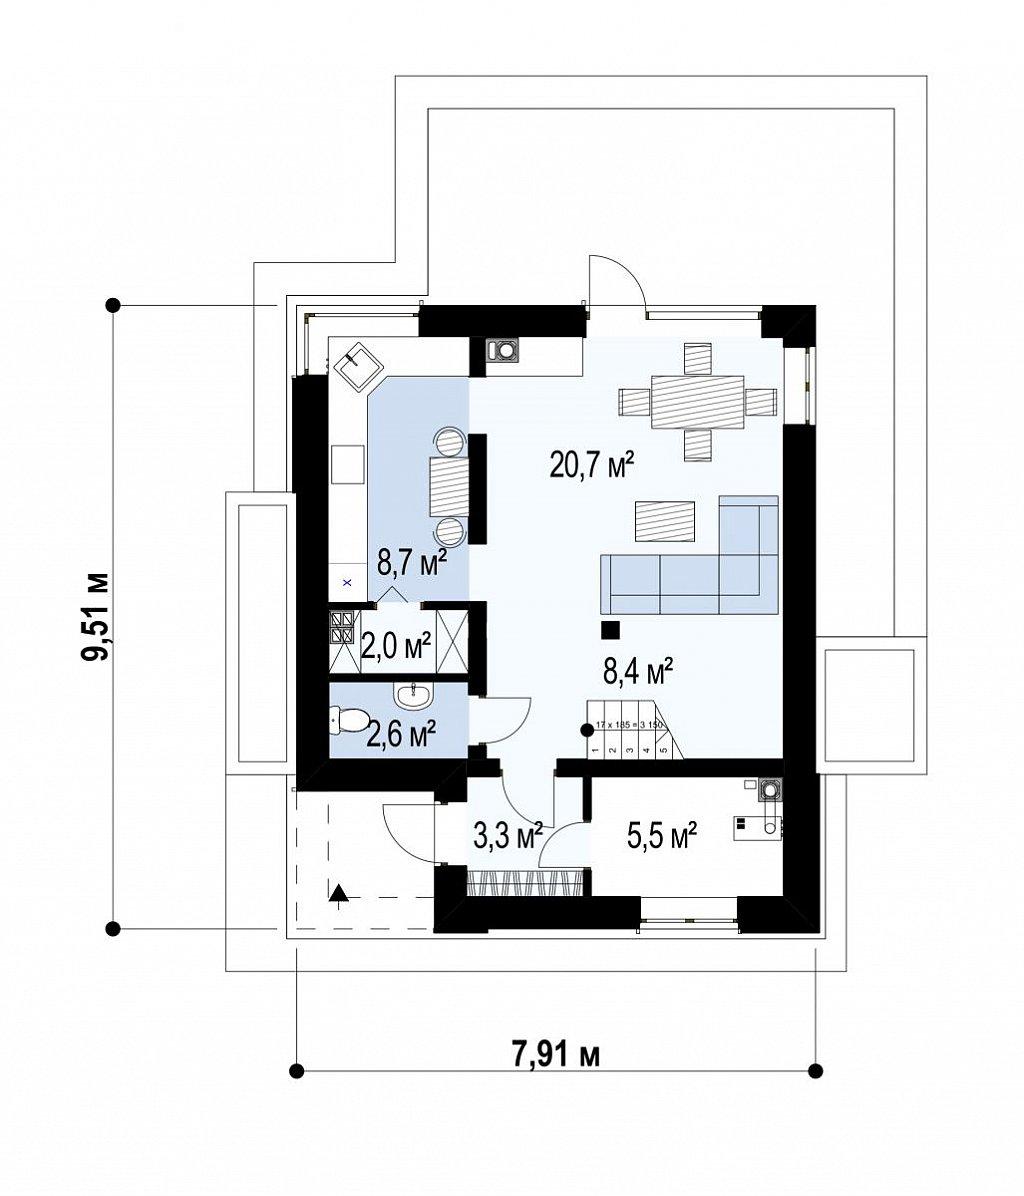 Современный двухэтажный дом с практичной планировкой план помещений 1